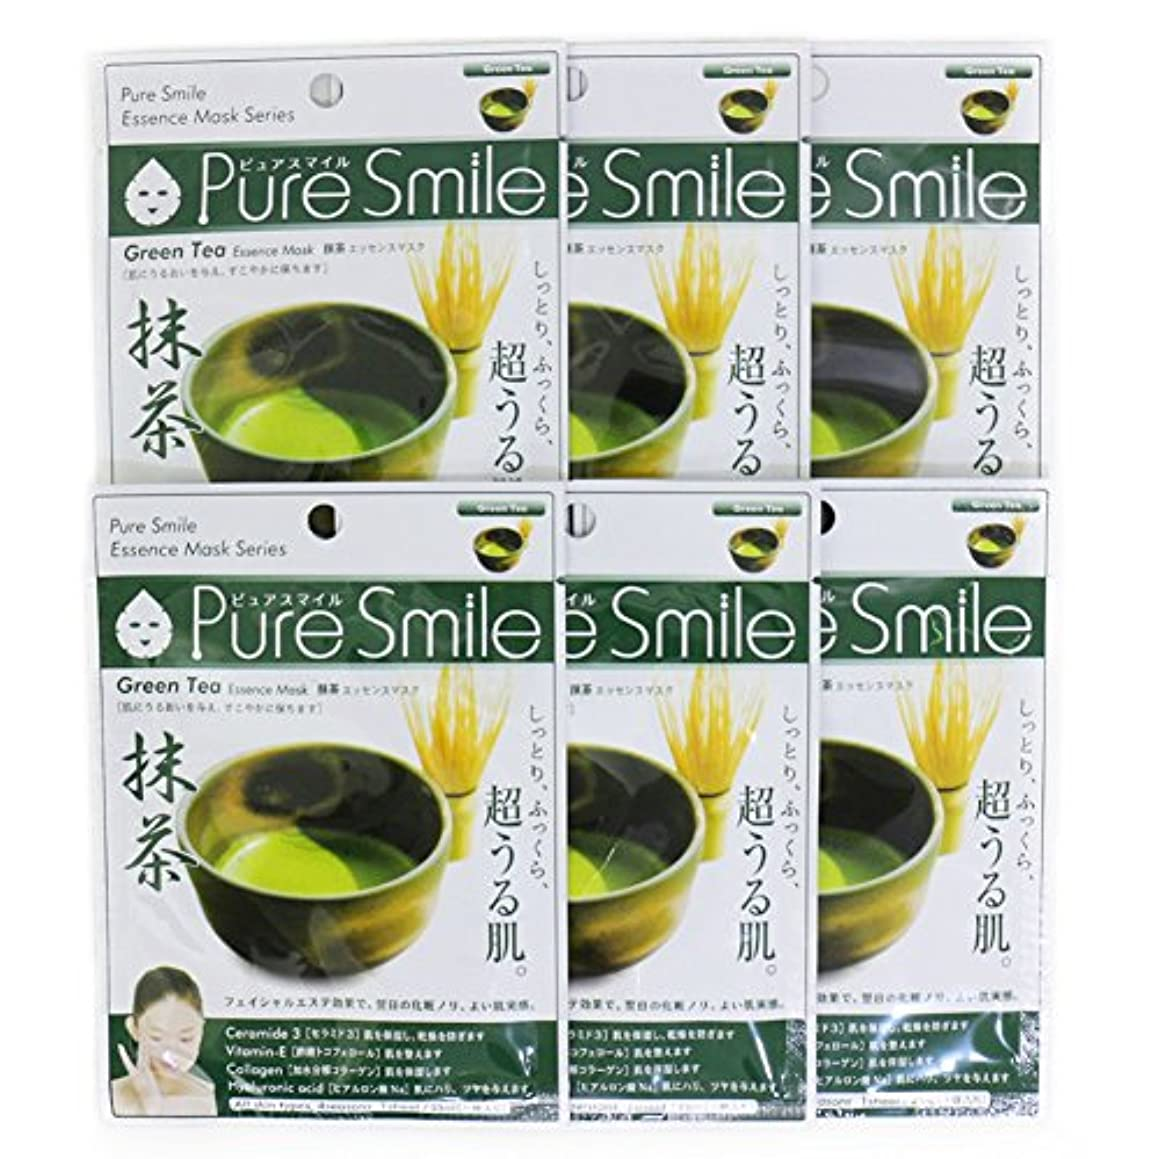 ピークエスニック解き明かすPure Smile ピュアスマイル エッセンスマスク 抹茶 6枚セット